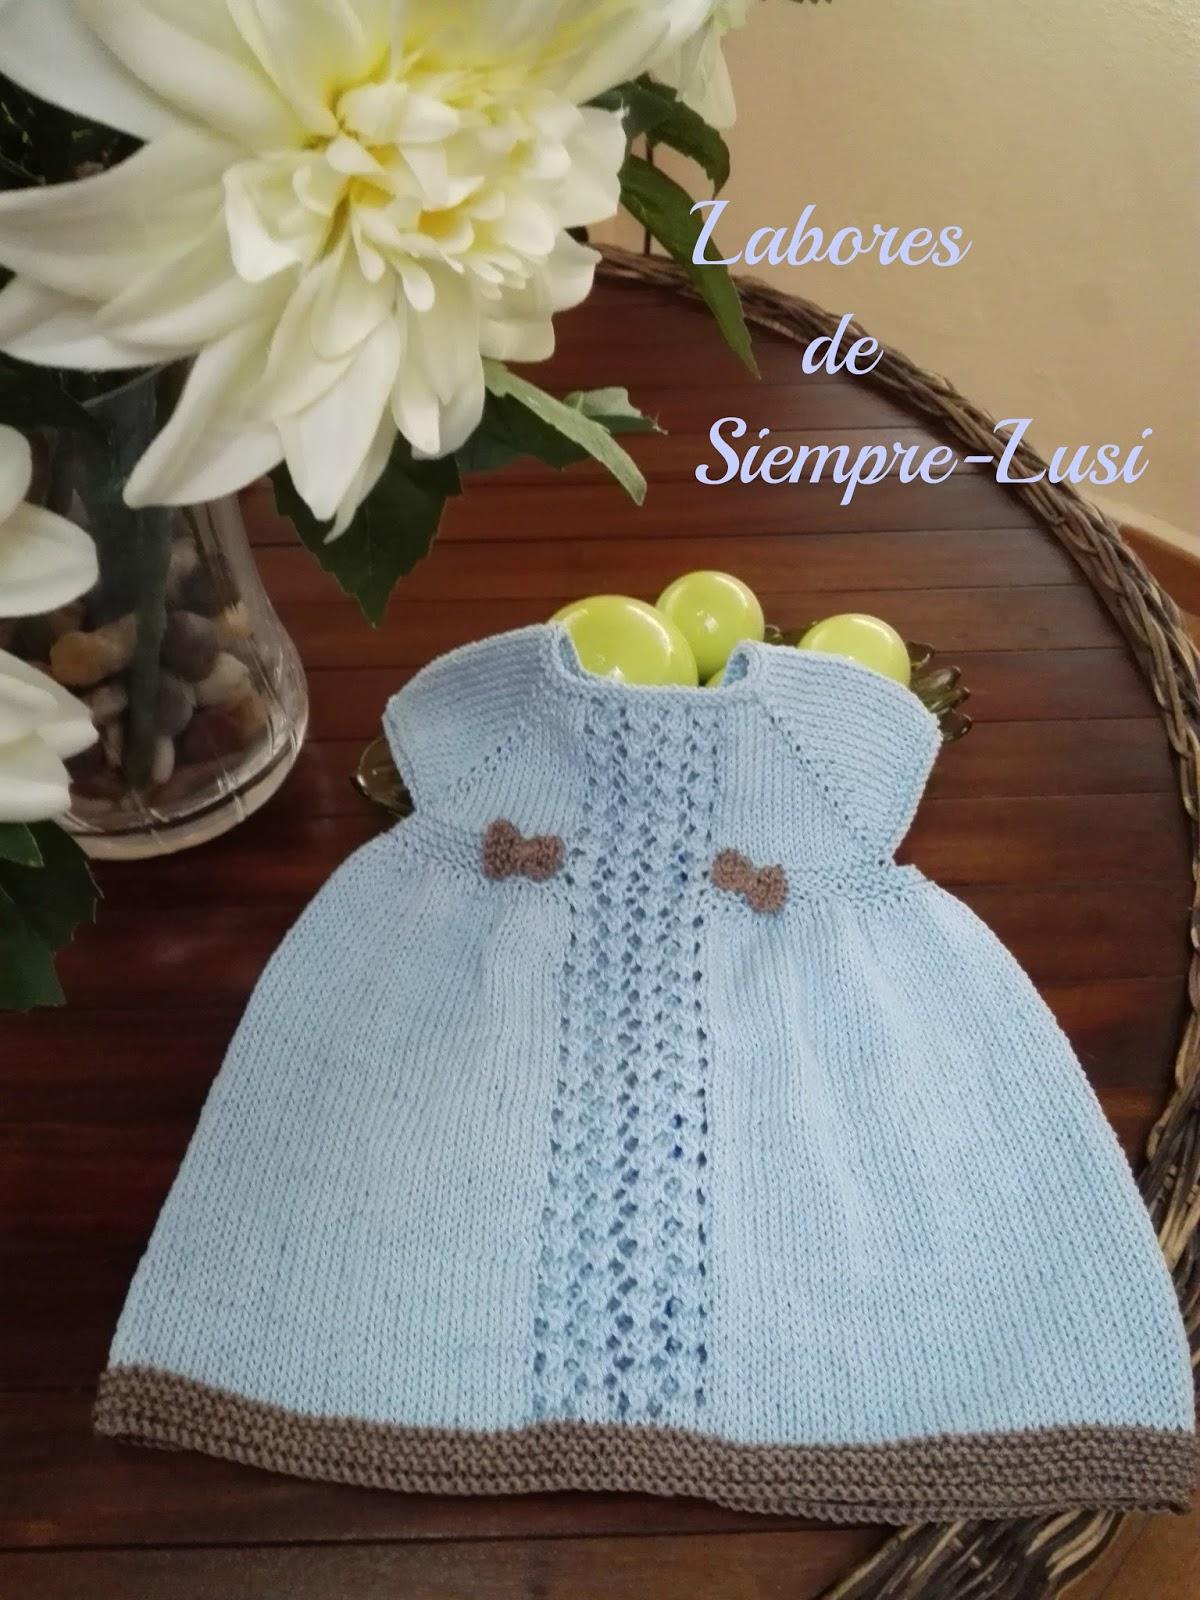 f2f371c30 Vestido bebé en color celeste para una talla de 3 meses en adelante.Se comienza  por el cuello .Con calado central.Terminado con borde de color en contraste  ...